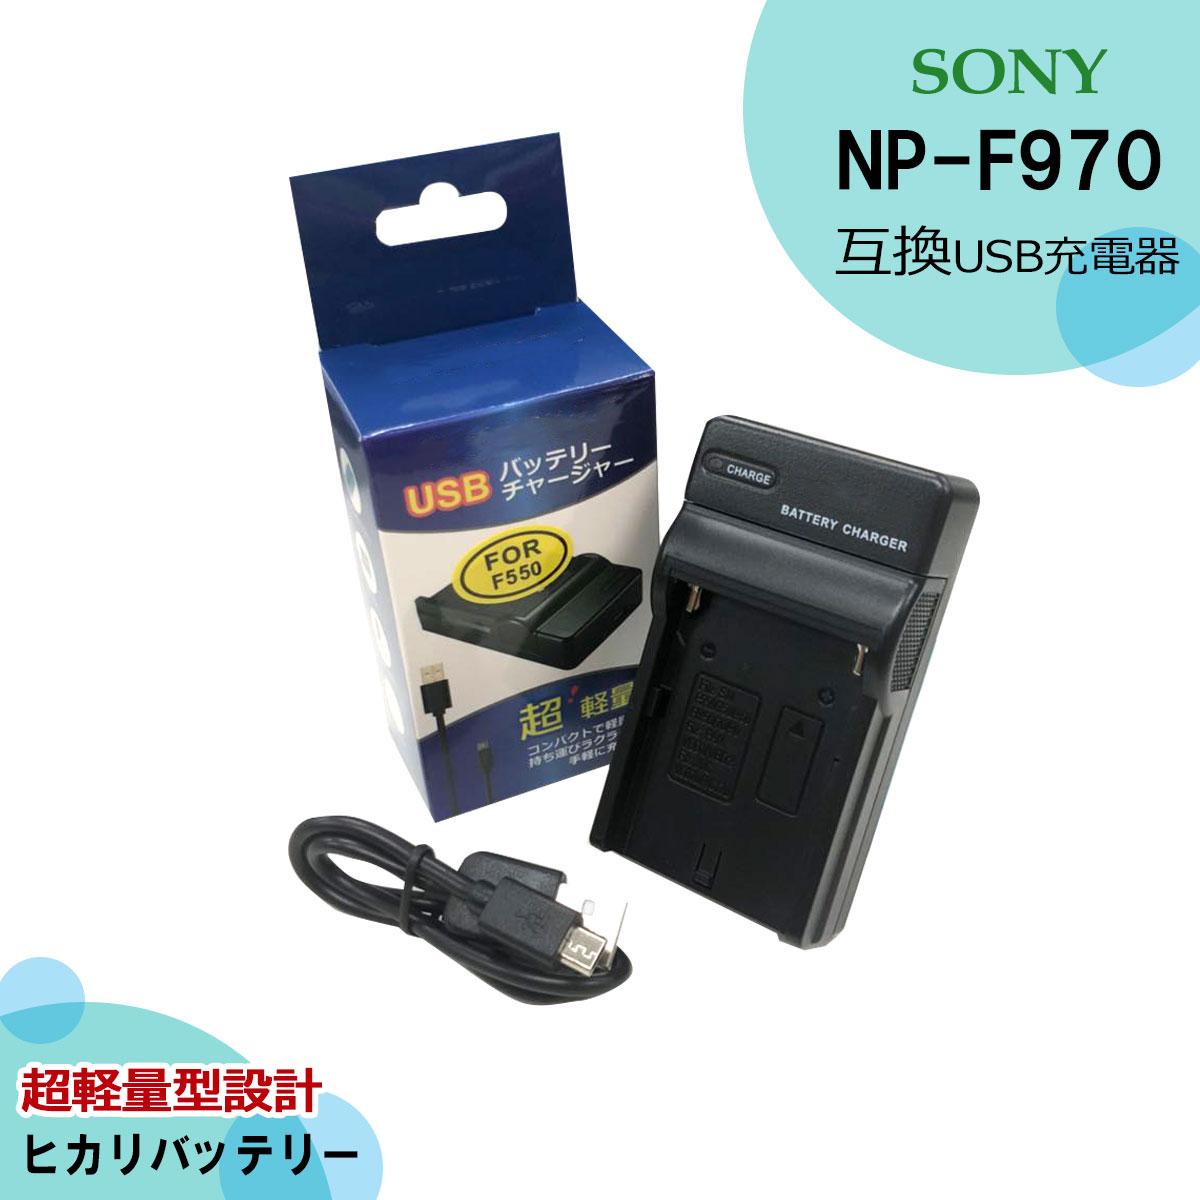 互換充電器 6ヶ月保証 純正品 互換品にも対応 あす楽対応 SONY ソニー NP-FM50 F550 F570 NP-F750 NP-F770 NP-F960 NP-F970 CCD-TR730 CCD-TR713 CCD-TR728 CCD-TR2200 CCD-TR717 CCD-TR760 NP-F330 最安値 互換対応 CCD-TR1100 CCD-TR716 2020秋冬新作 CCD-TR718 充電器USBチャージャーCCD-TR710 等充電池純正